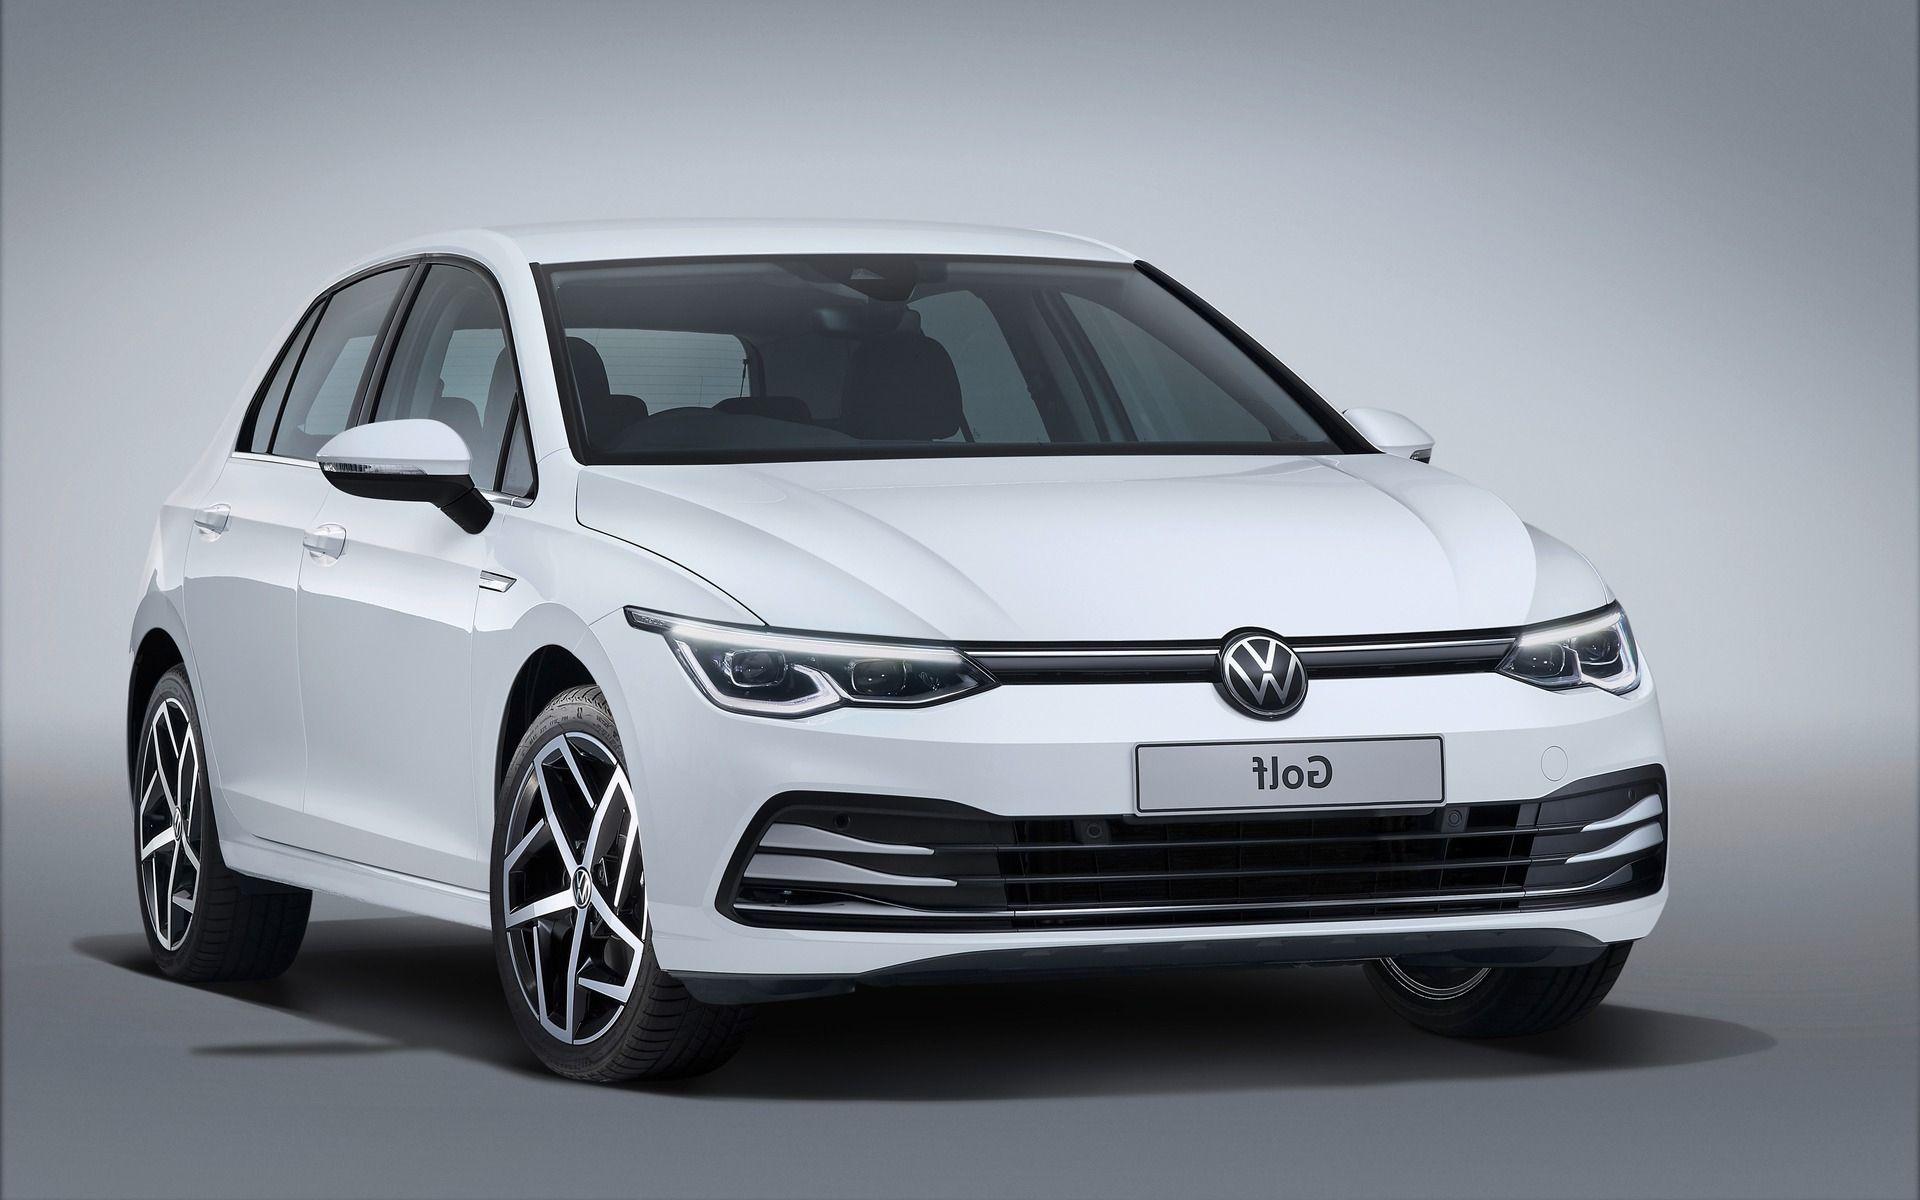 2021 Volkswagen Golf Canada Release Date Color Prices In 2020 Volkswagen Volkswagen Golf Volkswagen Golf R